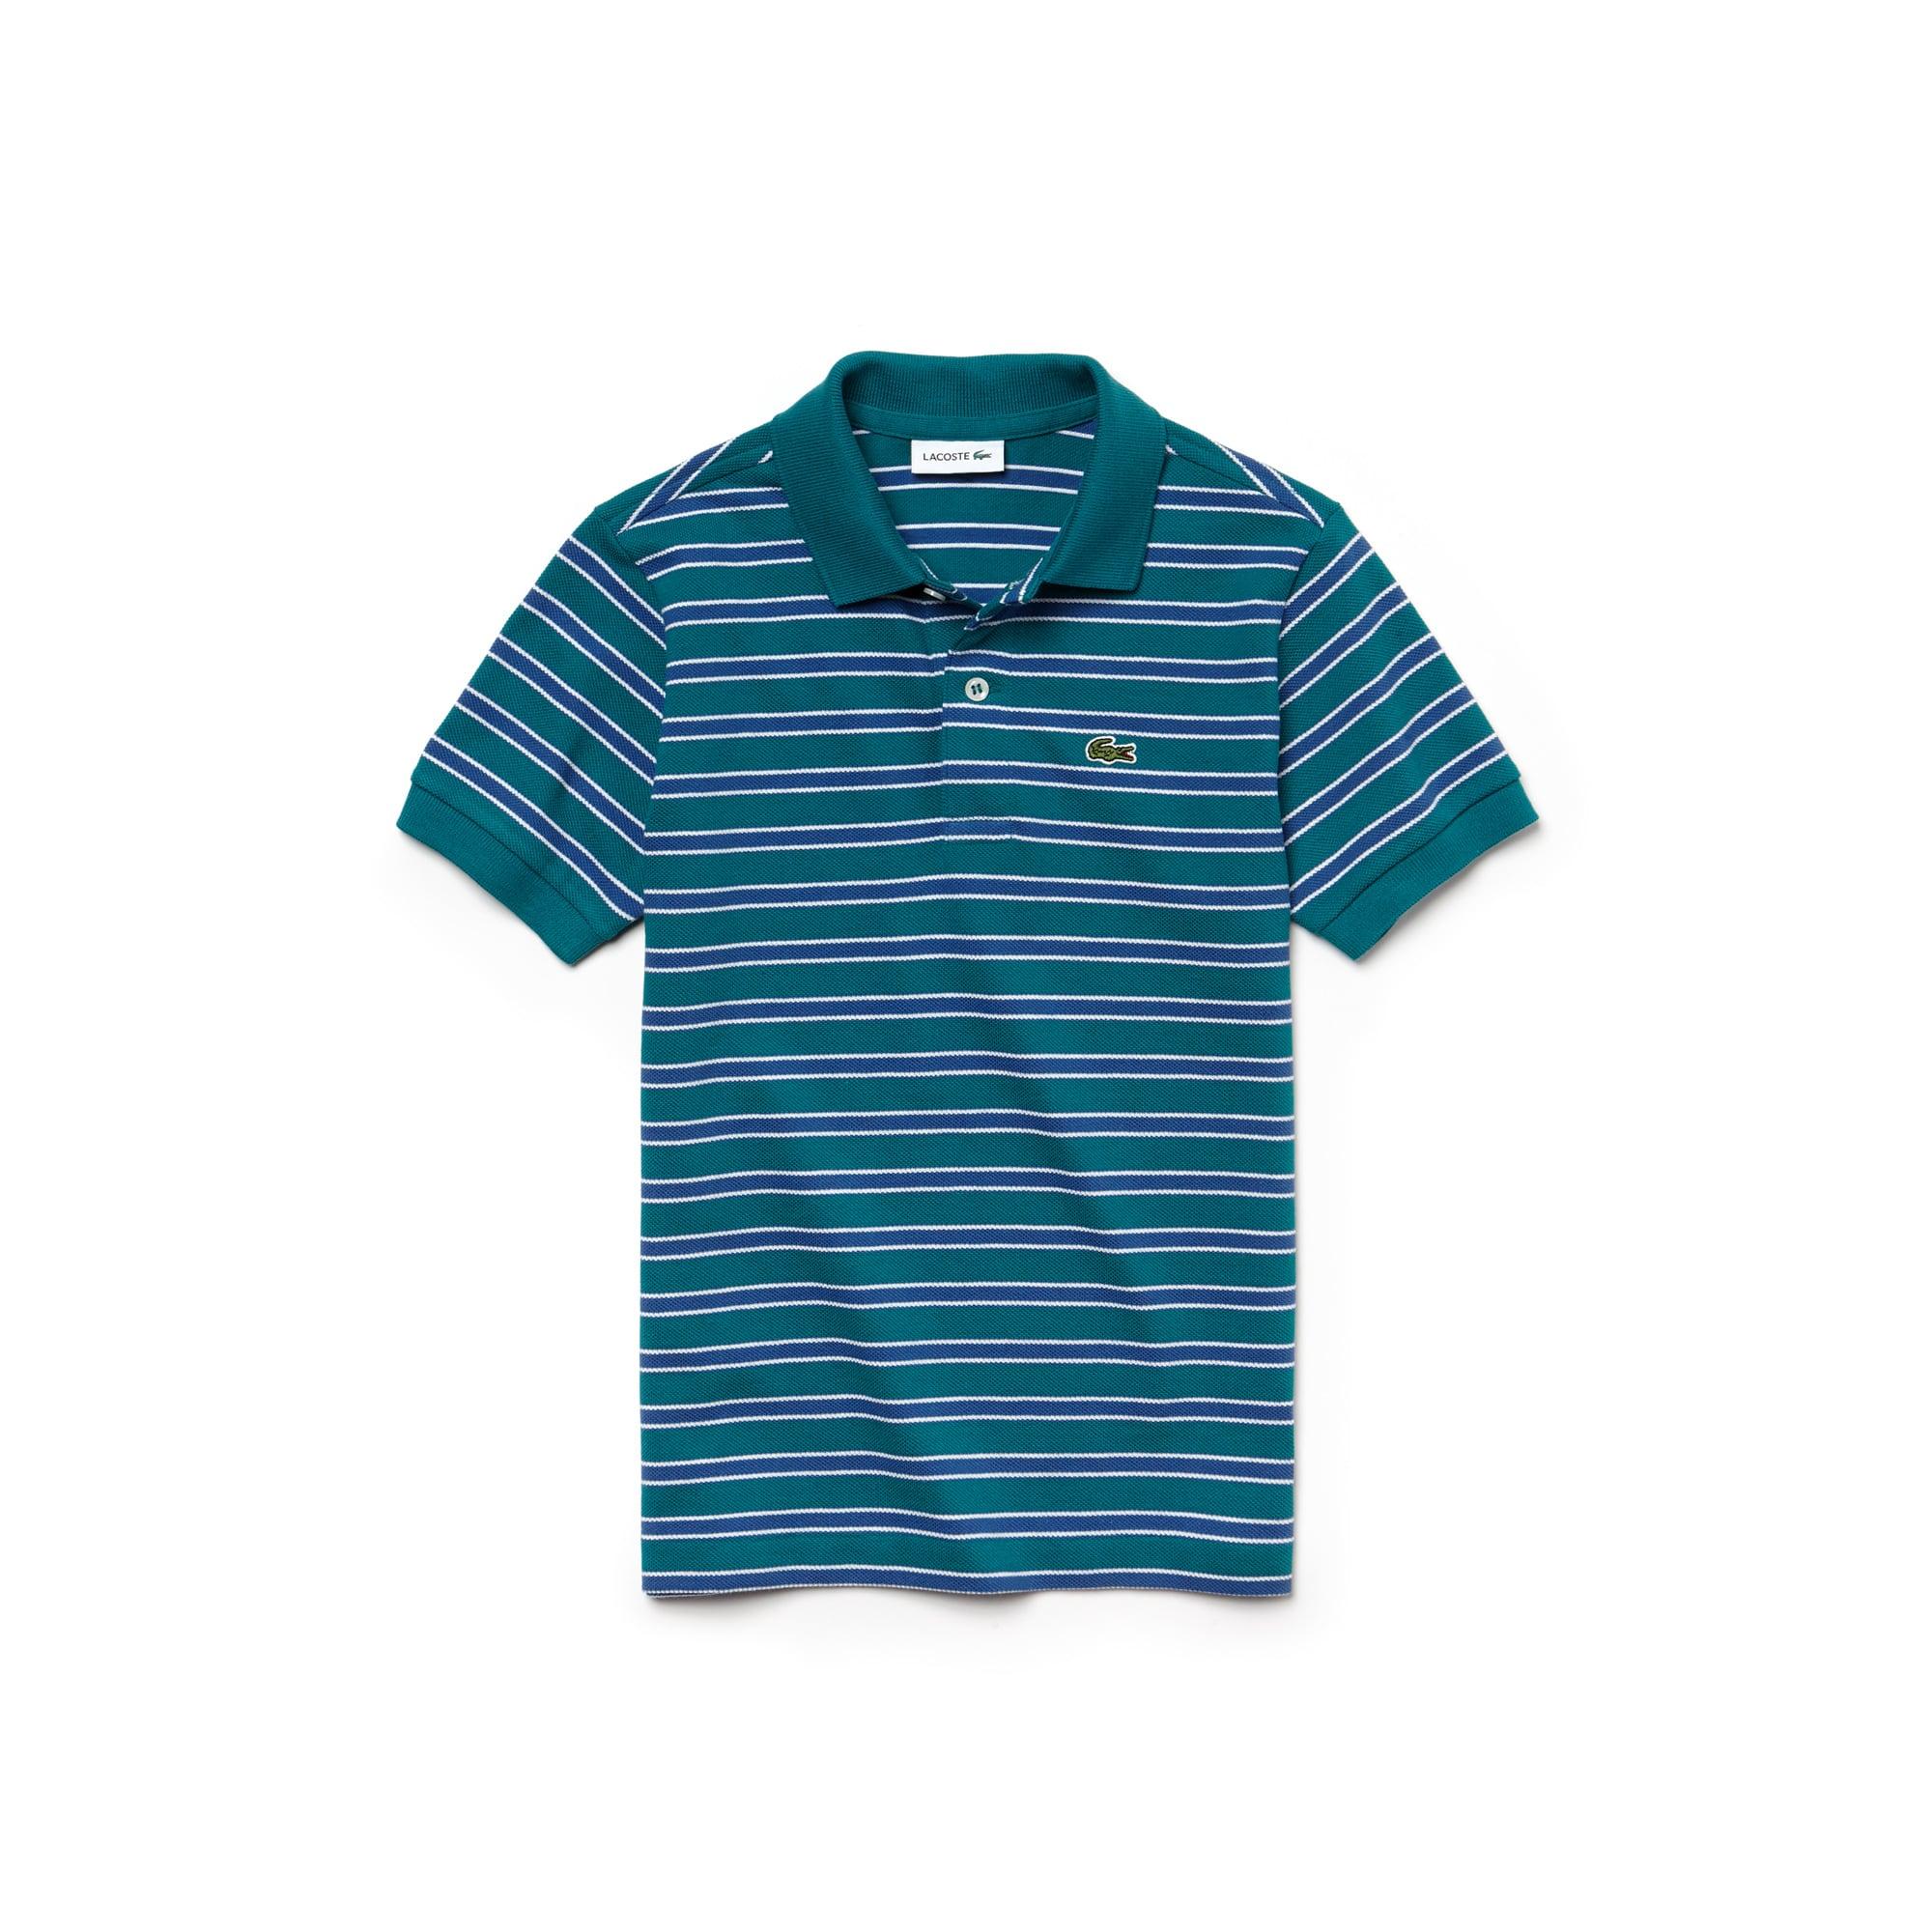 Camisa Polo Lacoste Masculina Infantil Listrada em Piqué de Algodão